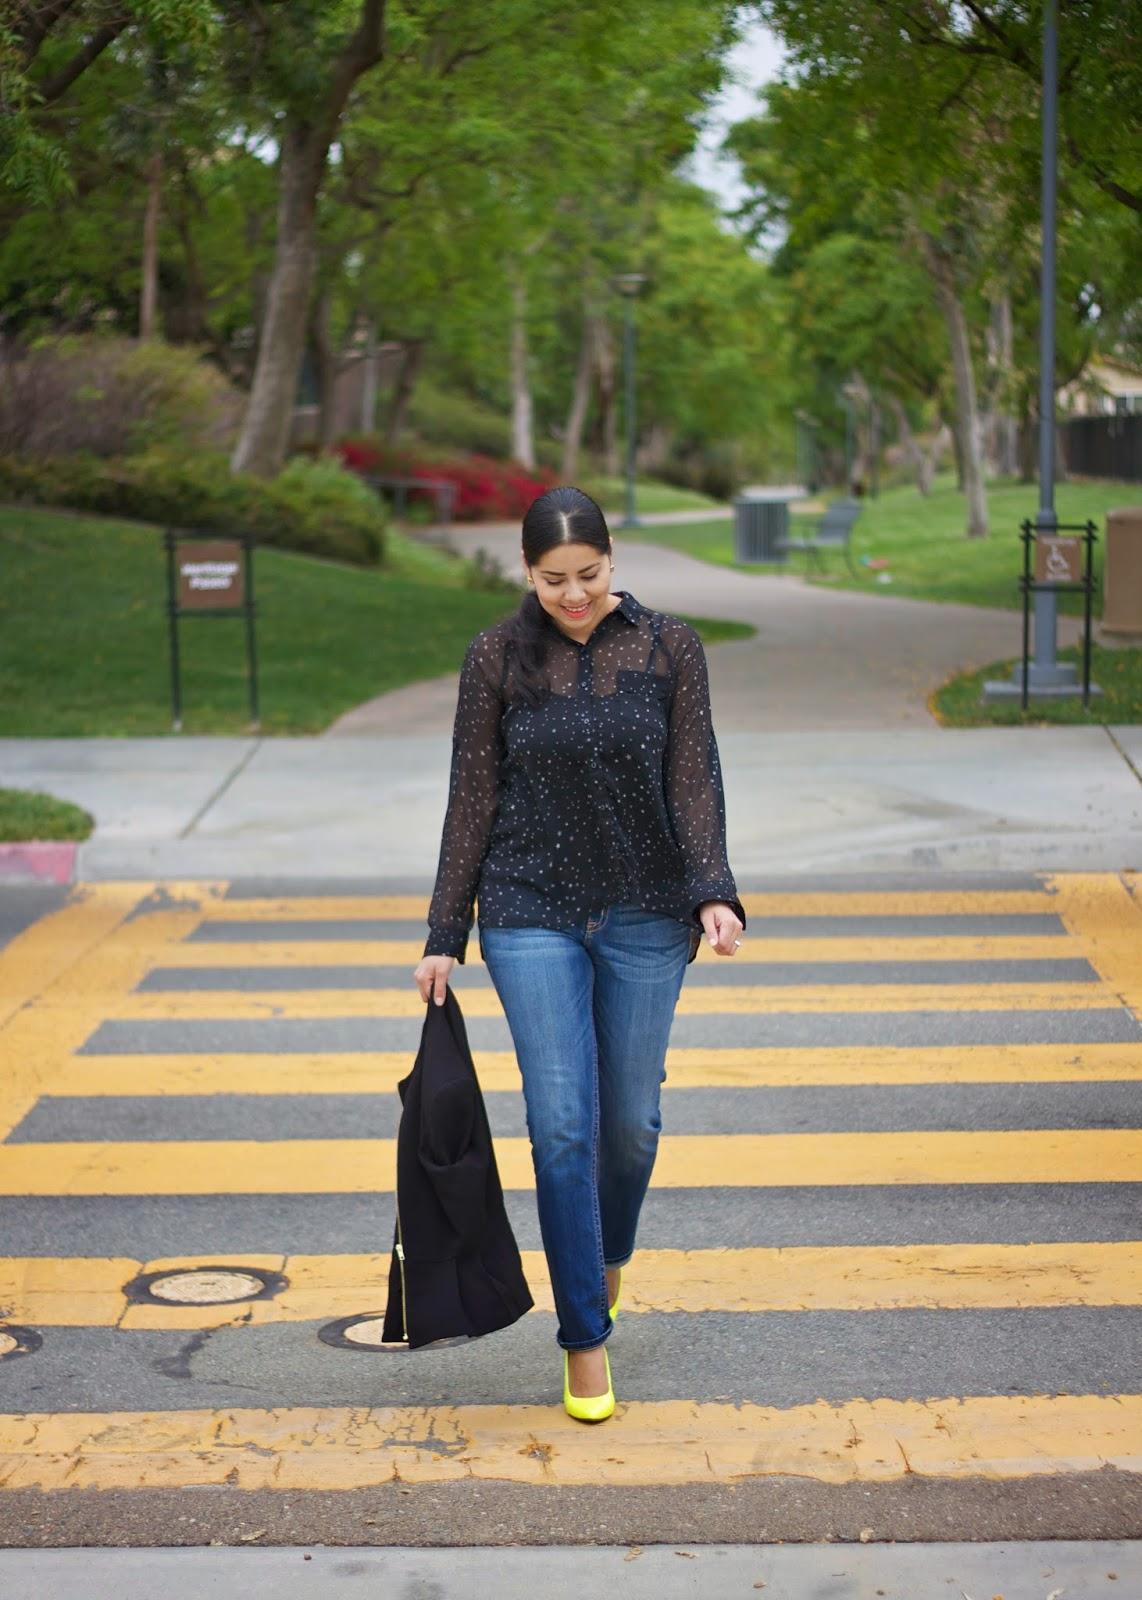 San Diego fashion blogger, san diego style blogger, san diego fashion bloggers, san diego #1 blogger